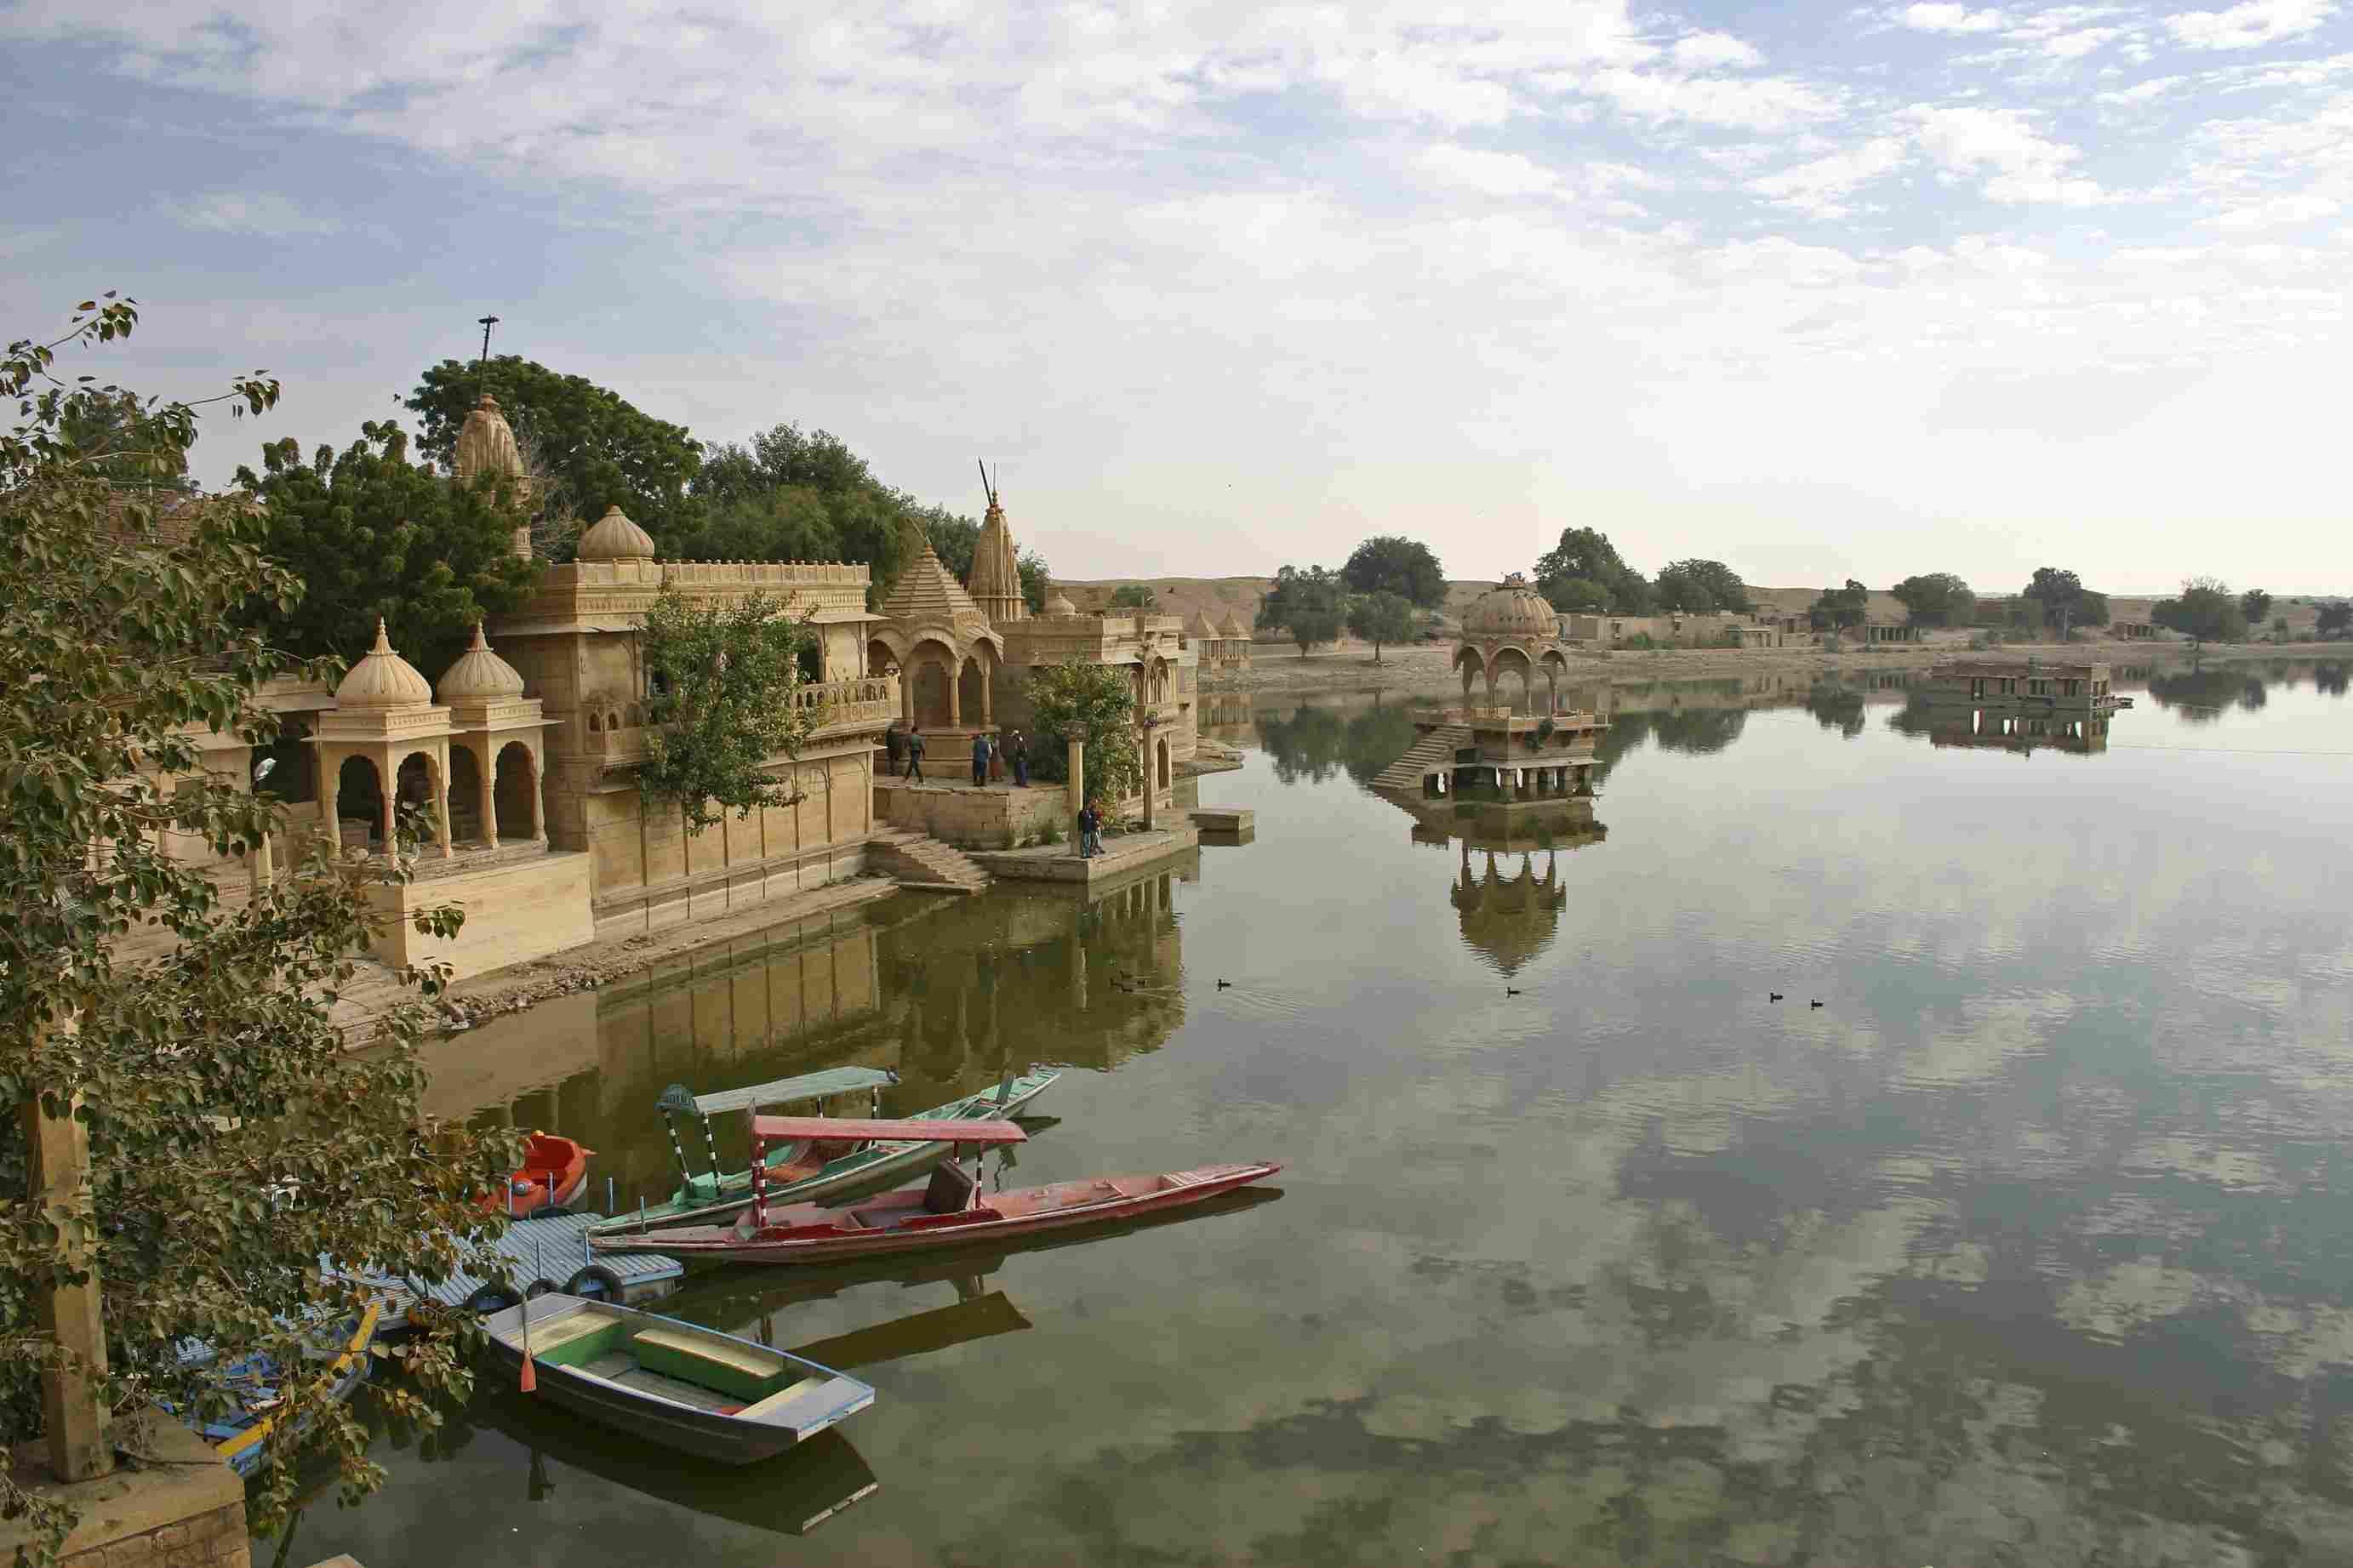 Gadsisar Lake in Jaisalmer, India